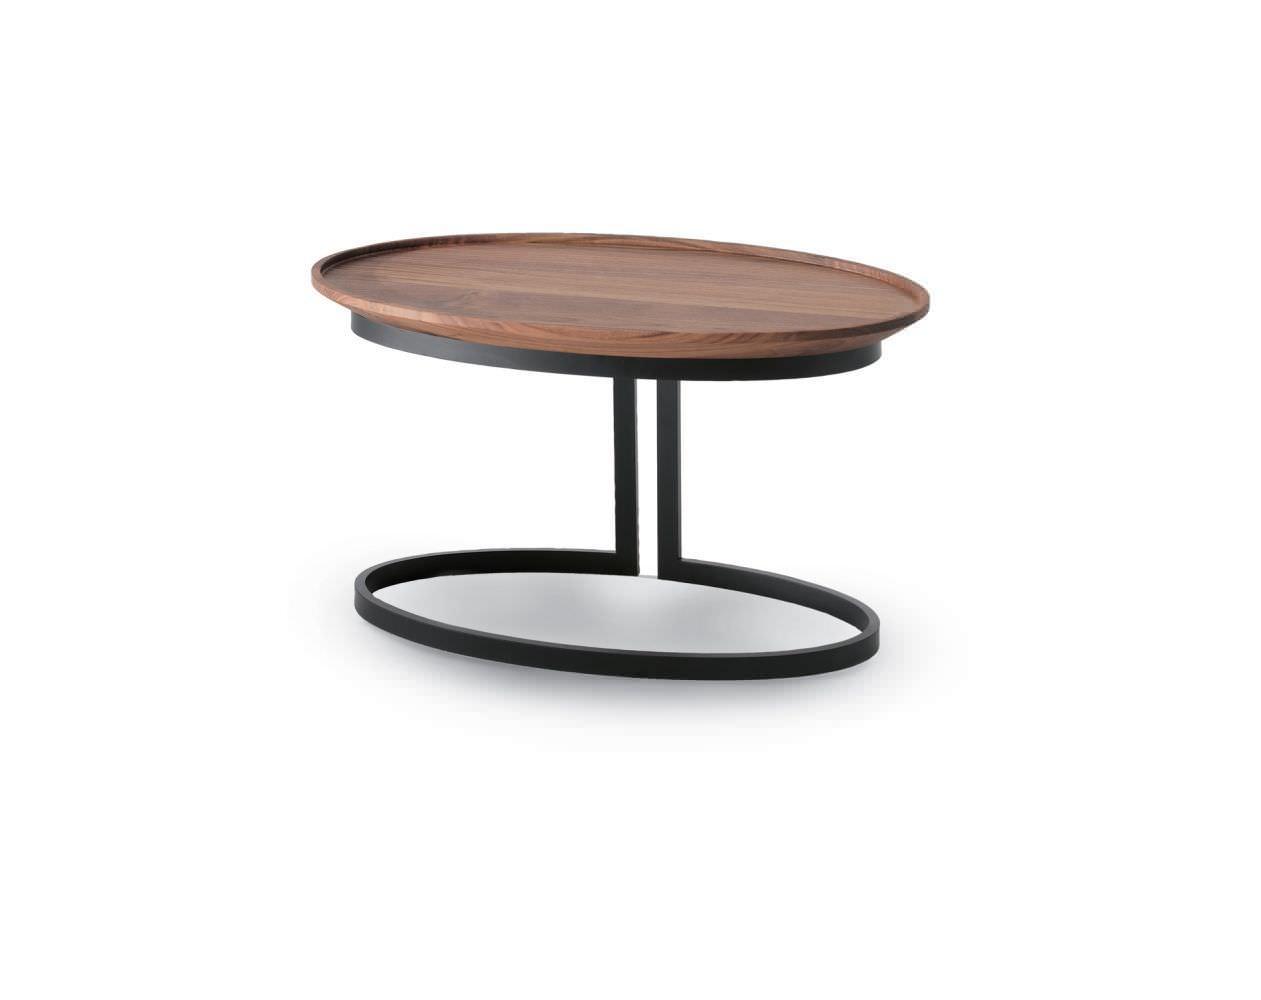 Moderner Beistelltisch Holz Metall Oval Wing Riva